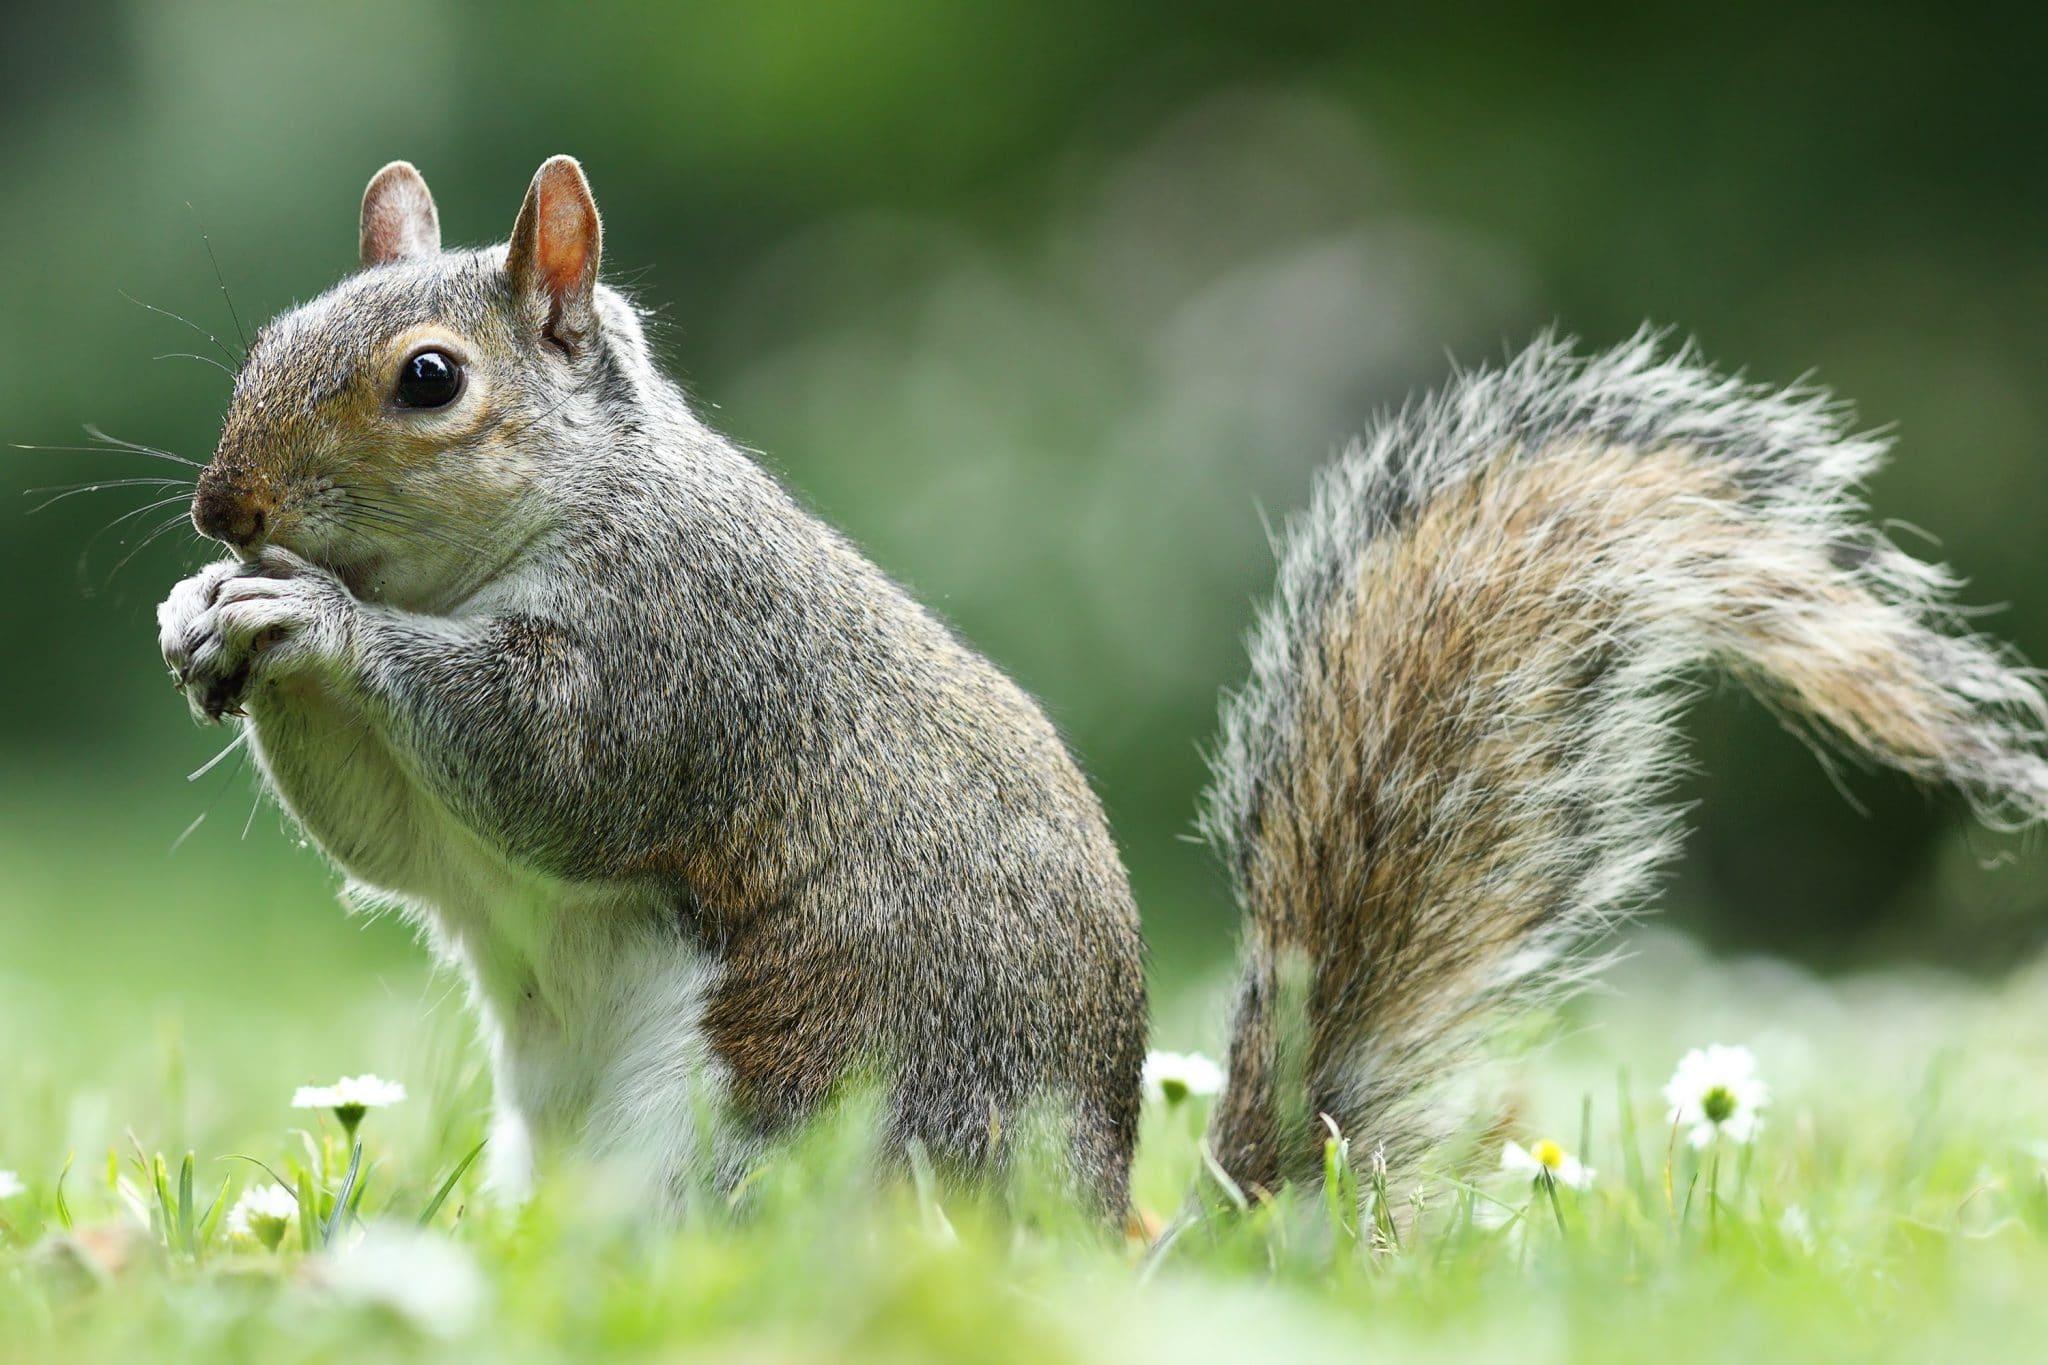 grey squirrel eating nut in the park ( Sciurus carolinensis )